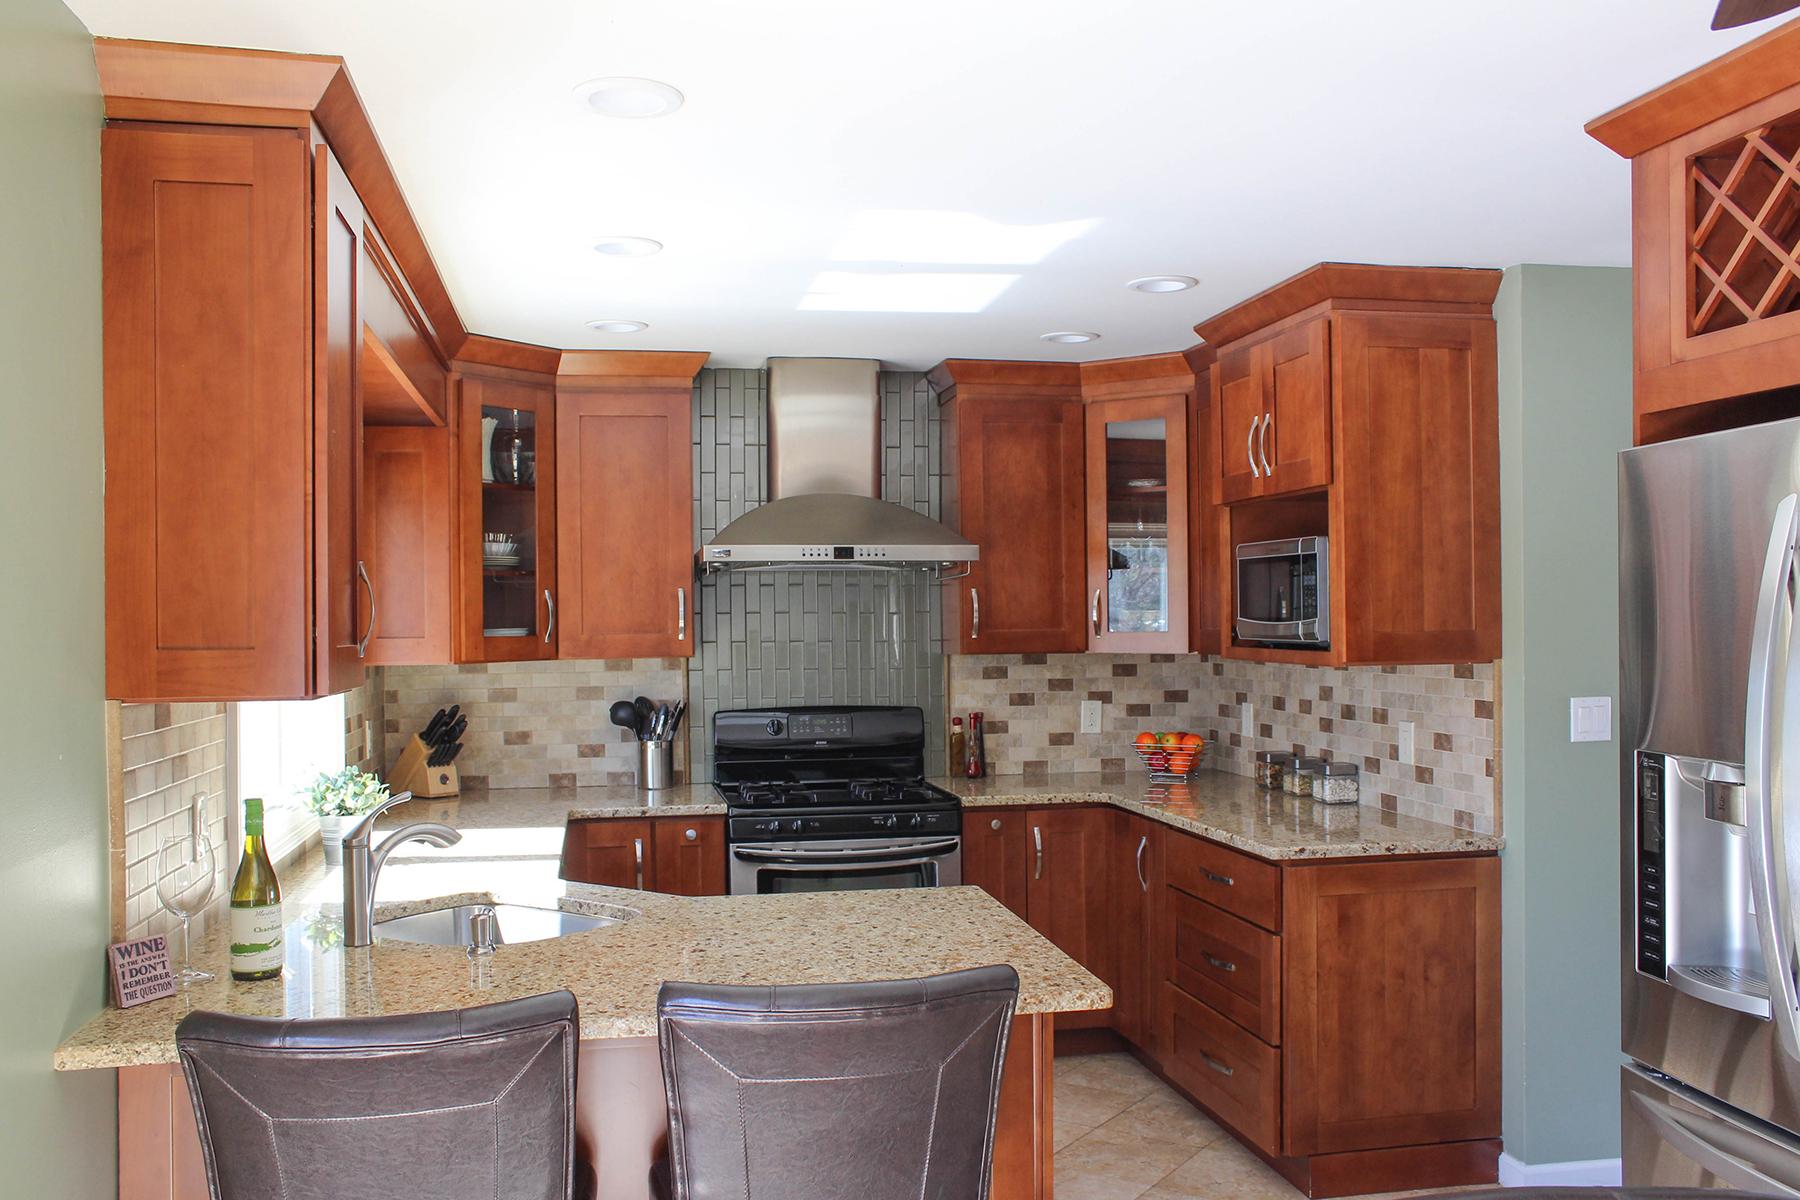 Transitional Cherry Wood Kitchen | Evo Design Center